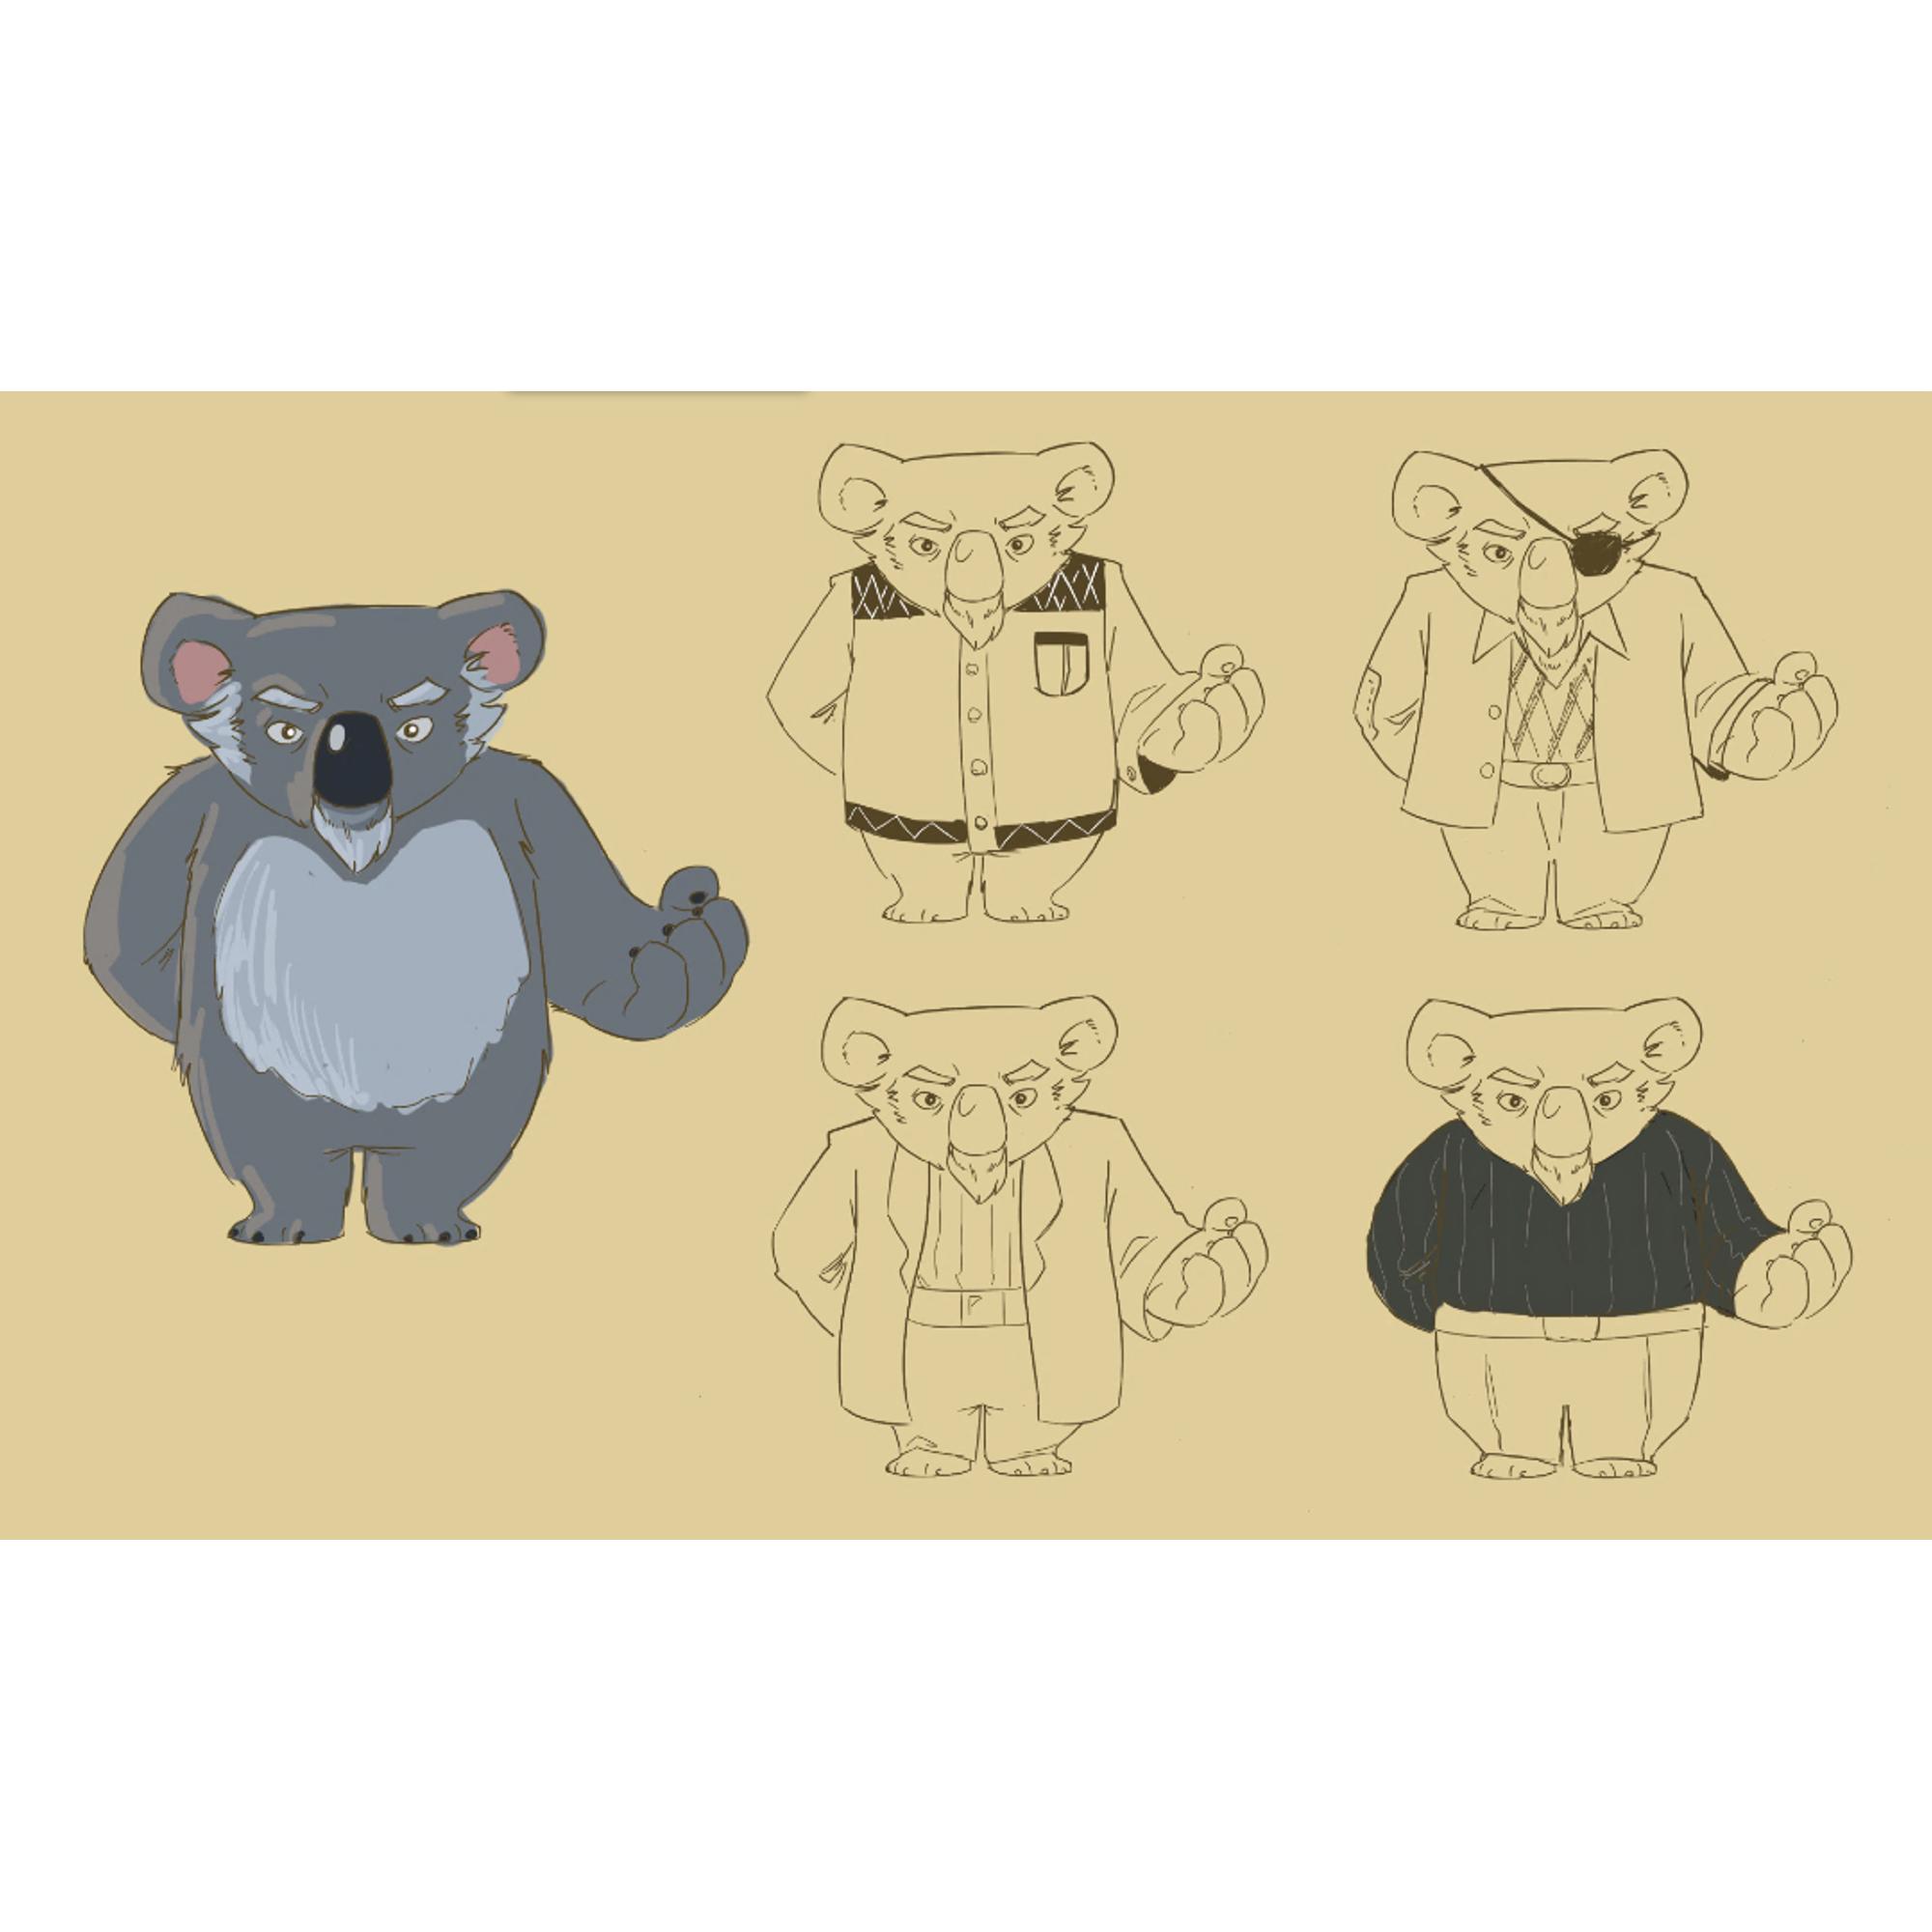 Koala-boss-2000-2000